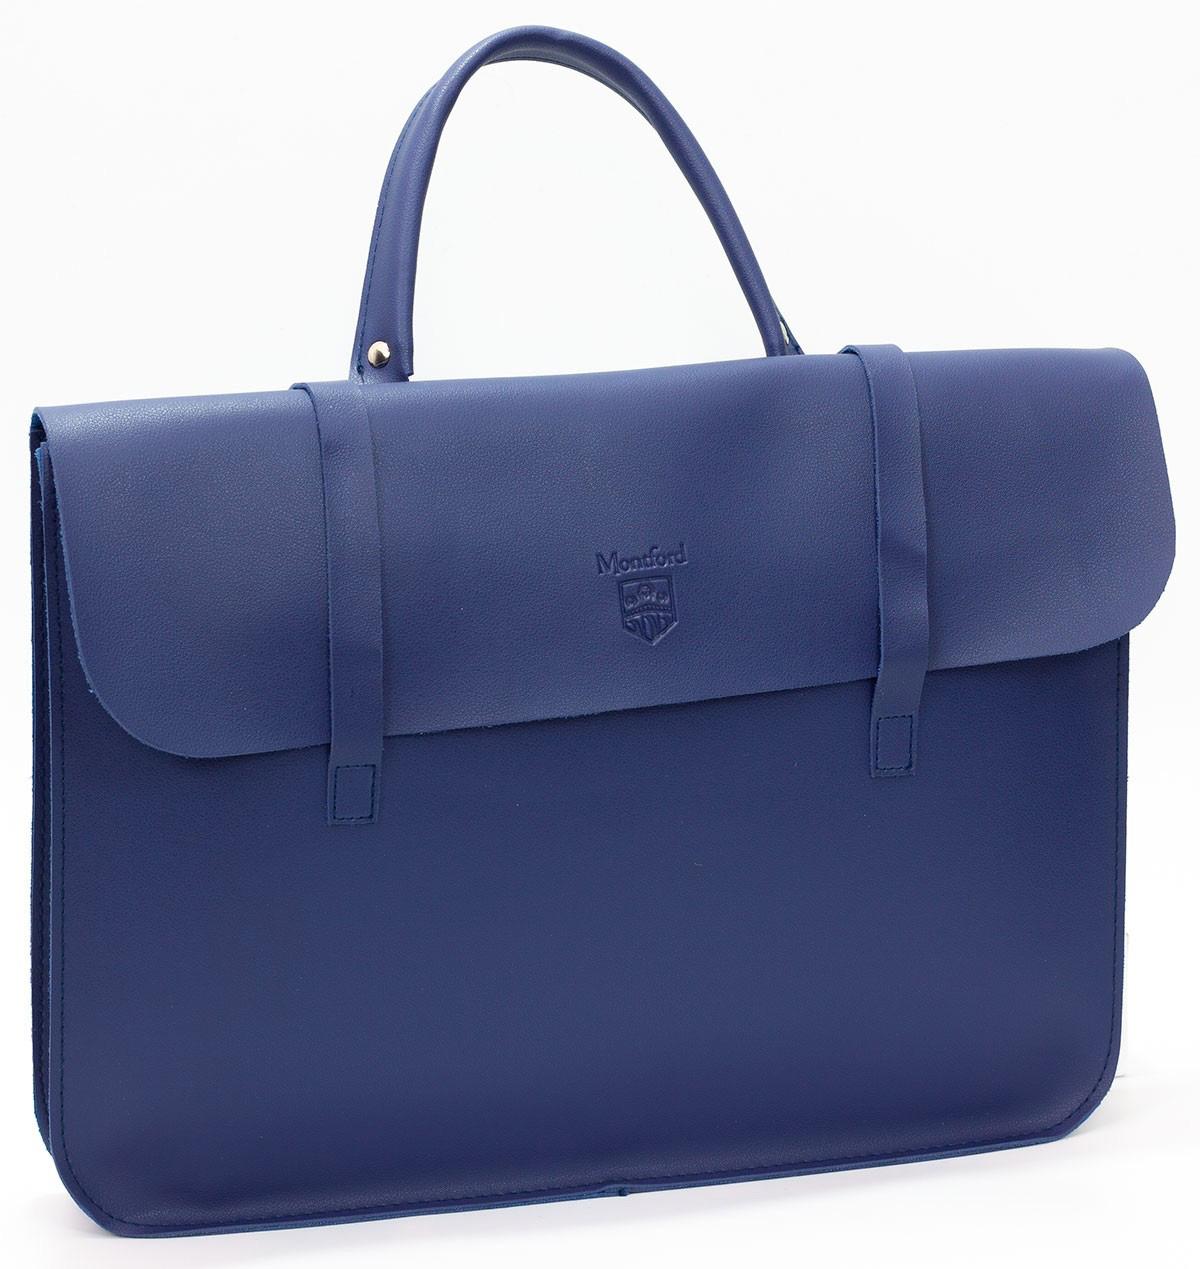 Music Case Bag Blue: Case